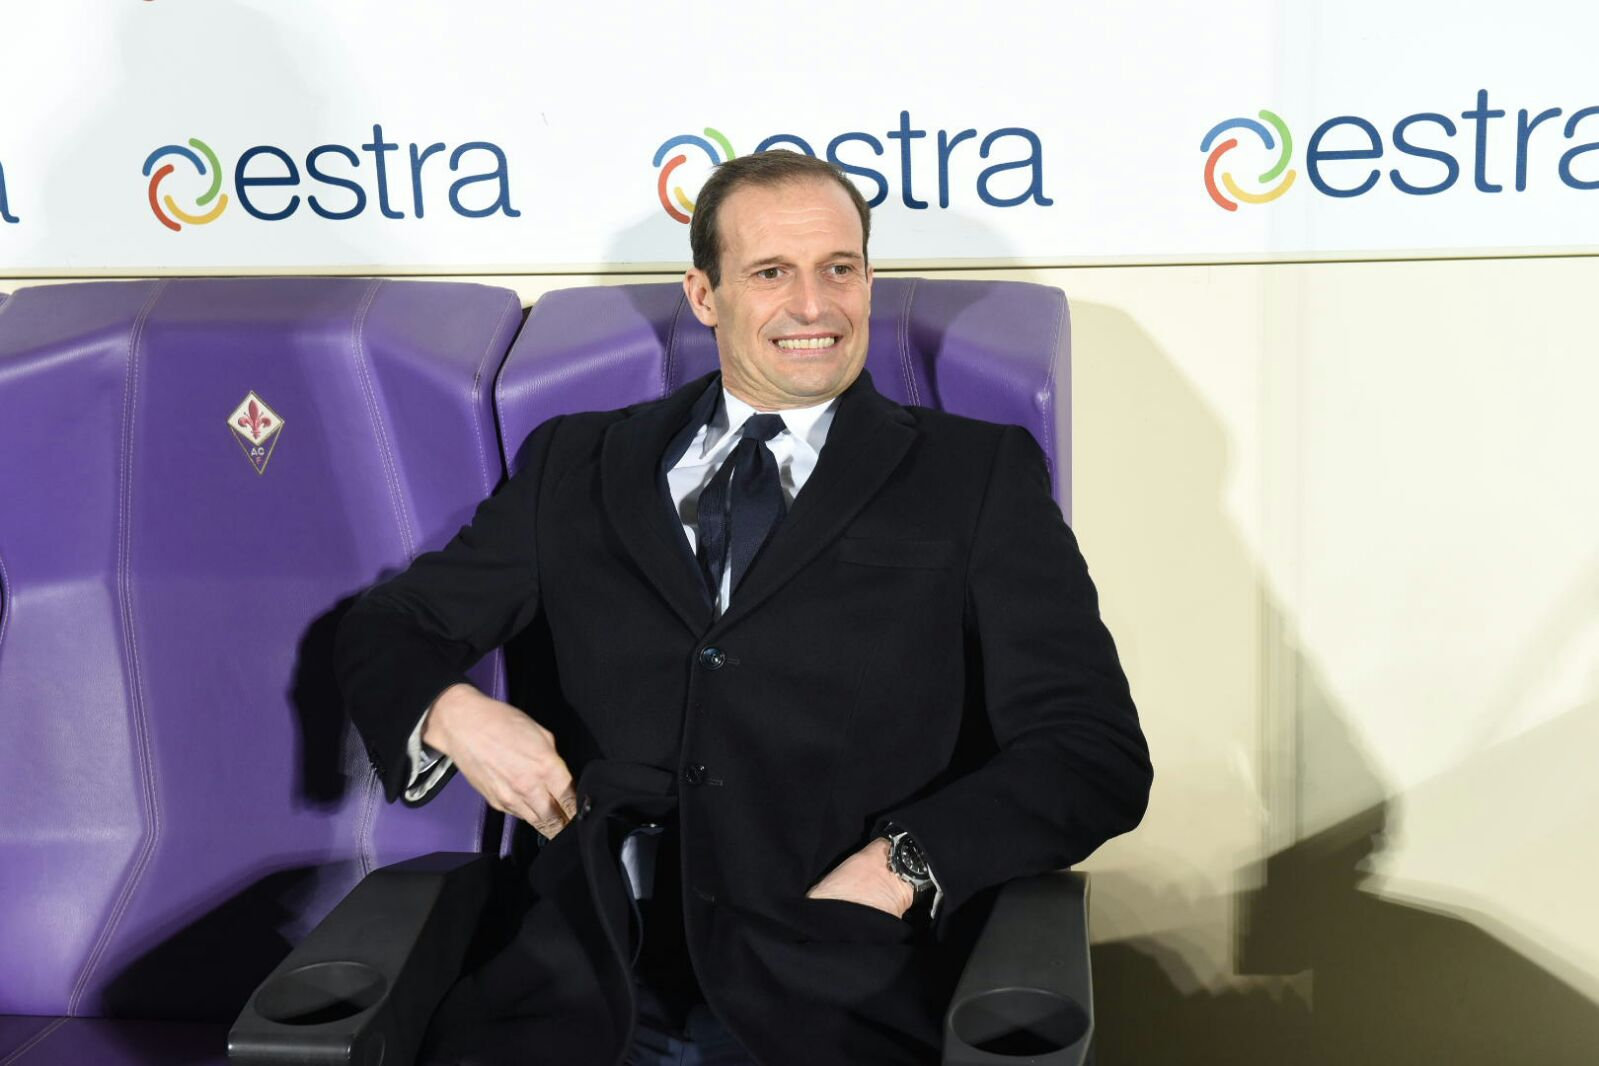 Solo vittorie in questo campionato per la Juventus, ma Allegri non si fida della Fiorentina